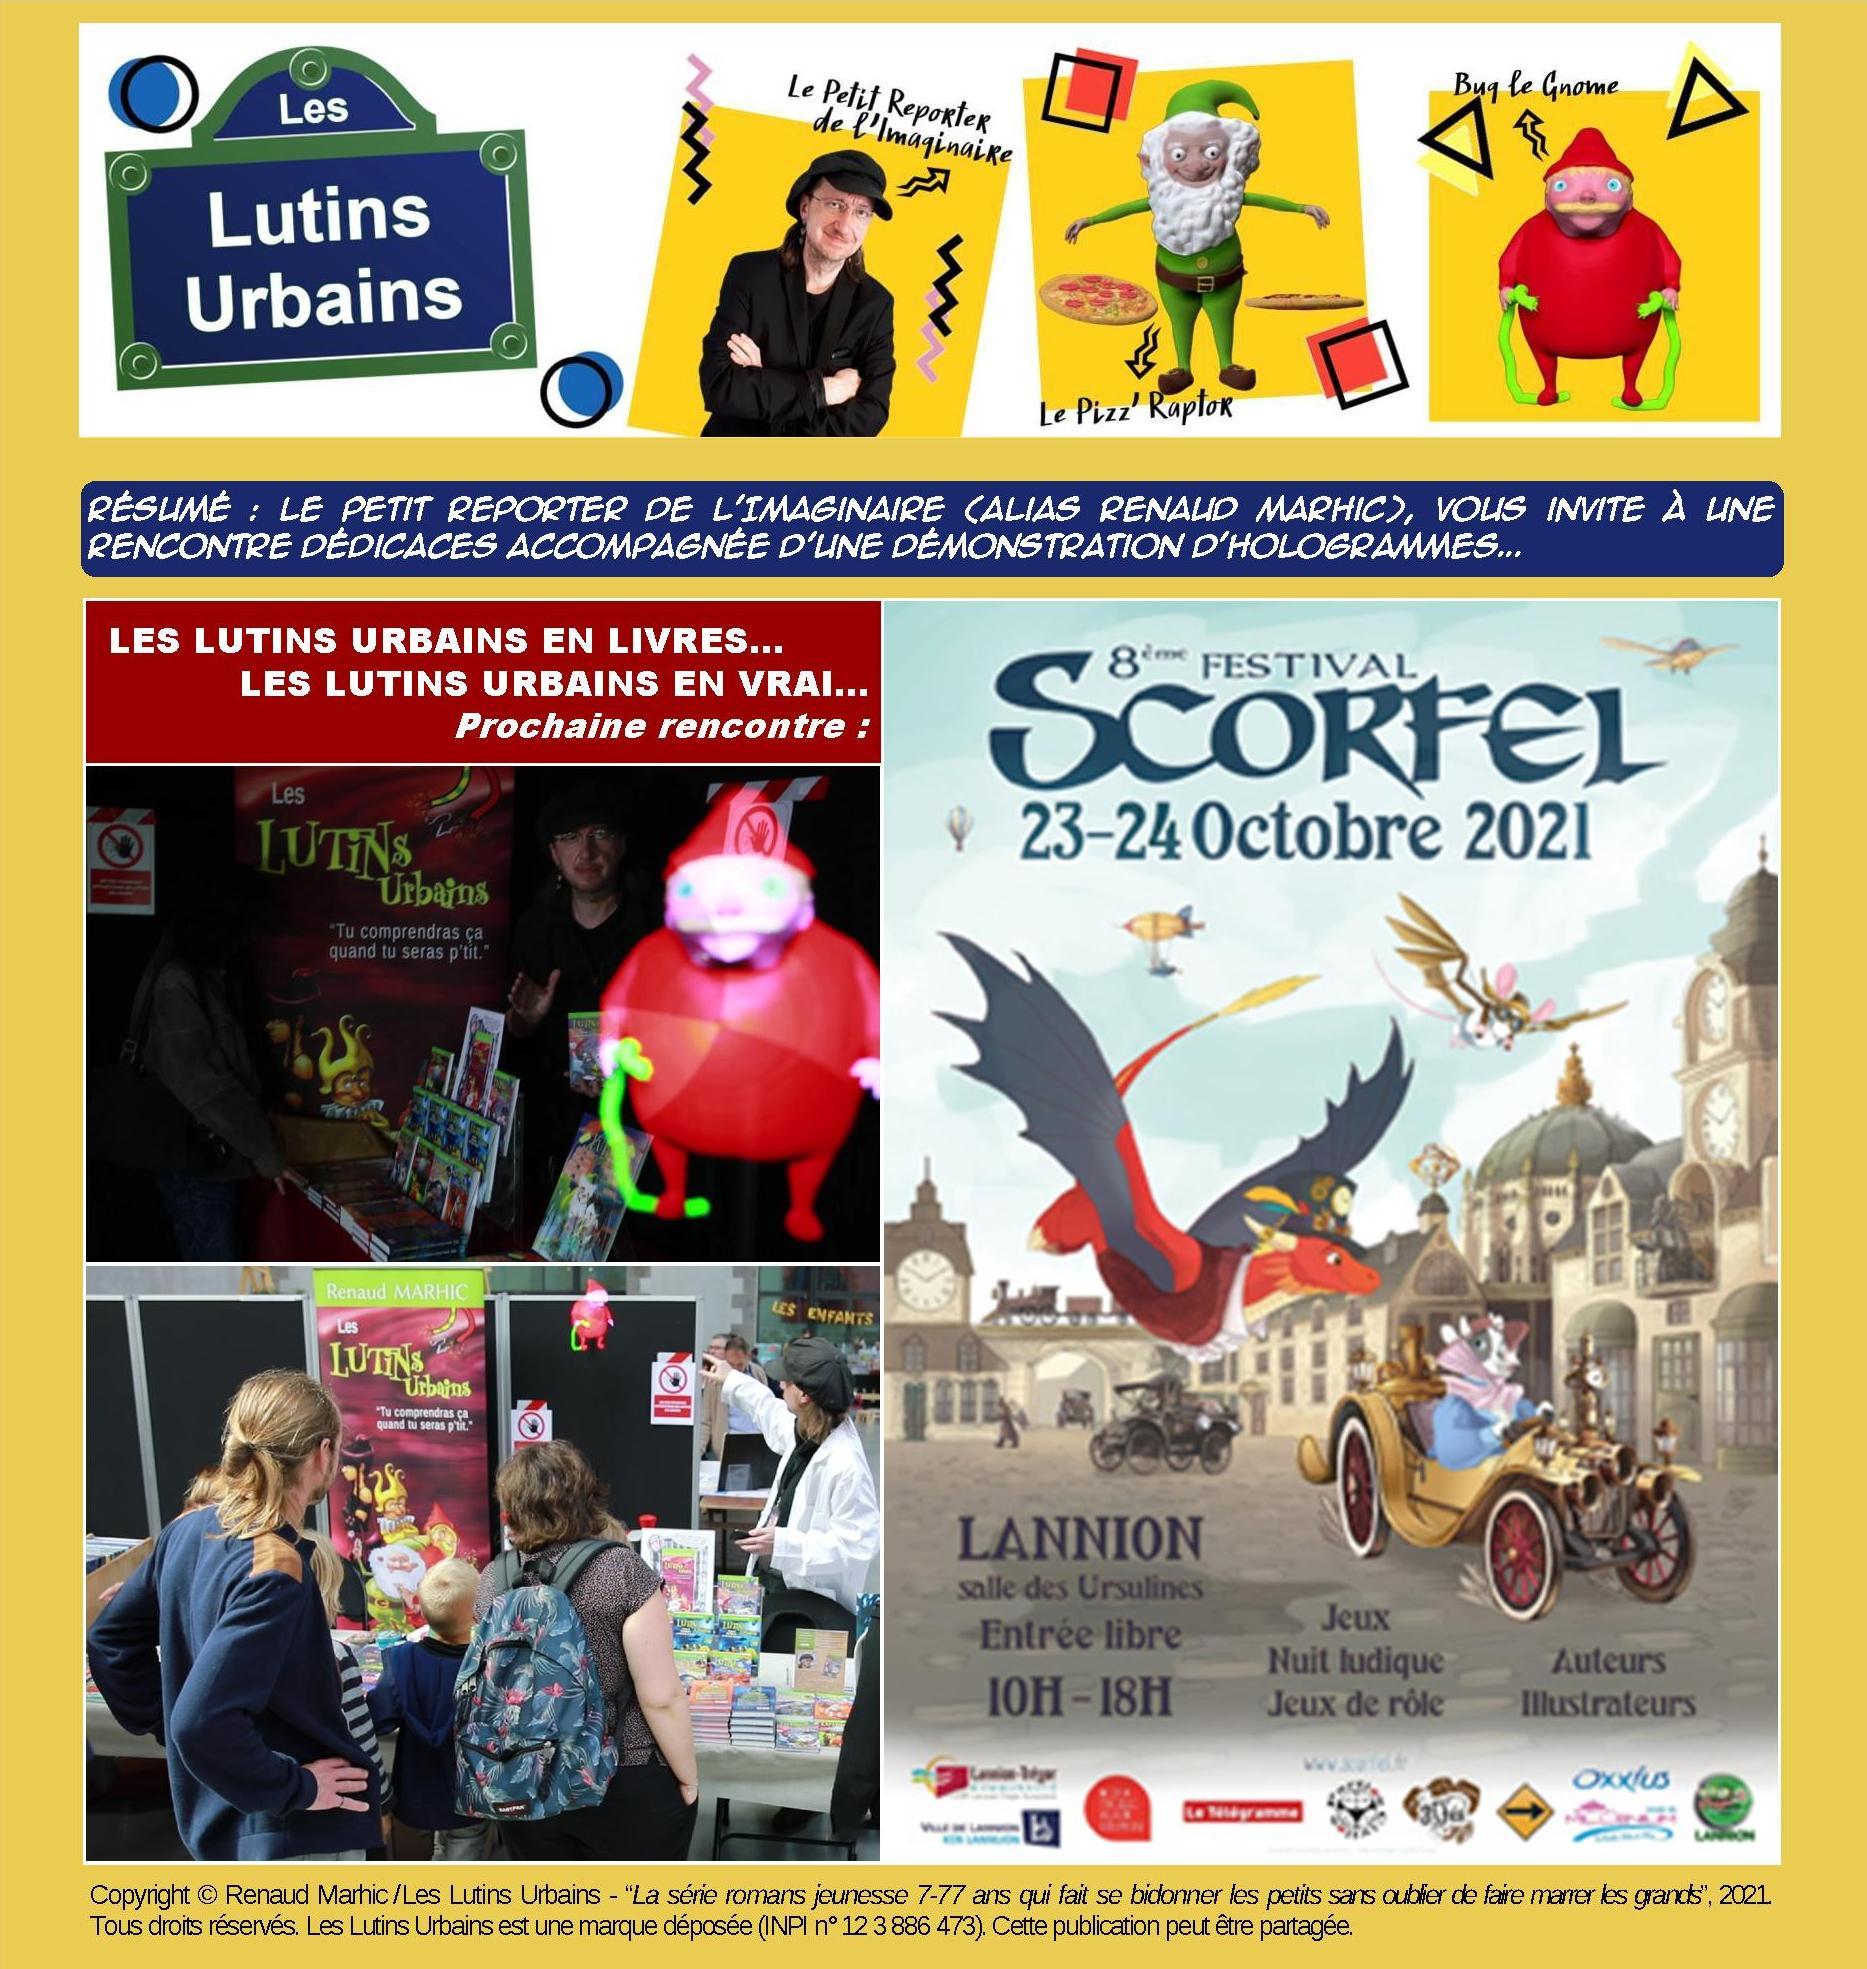 Les Lutins Urbains au Festival Scorfel 2021